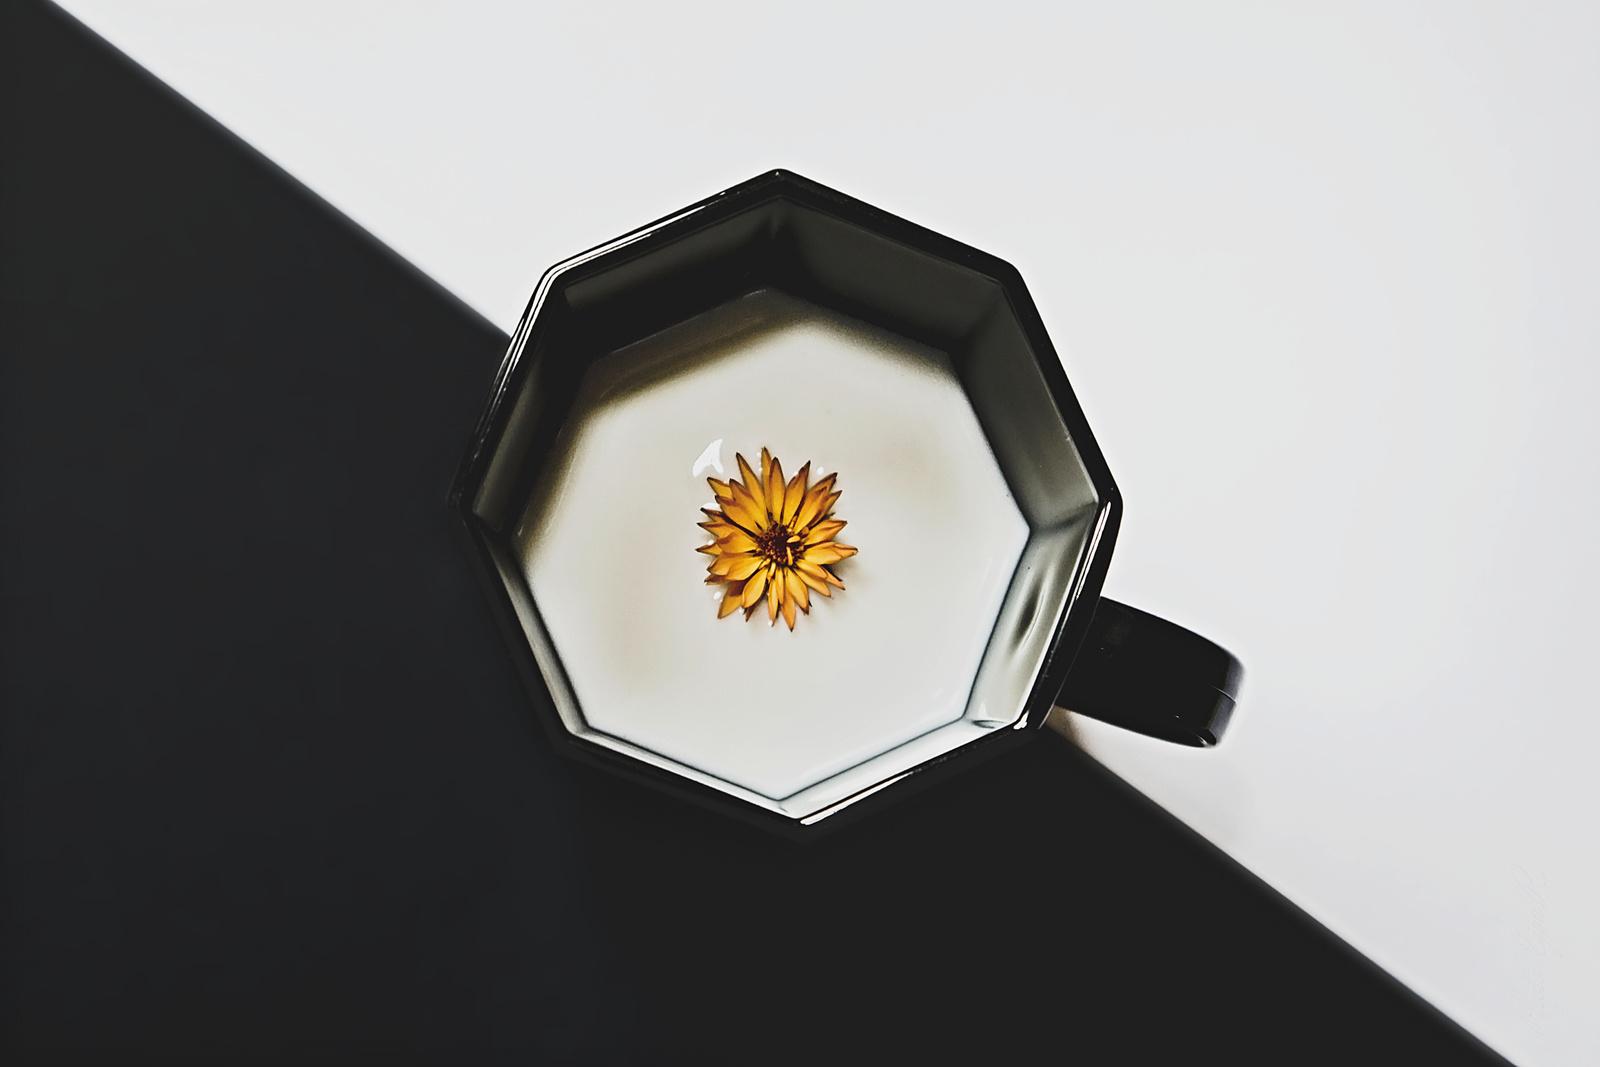 Virág a csészében